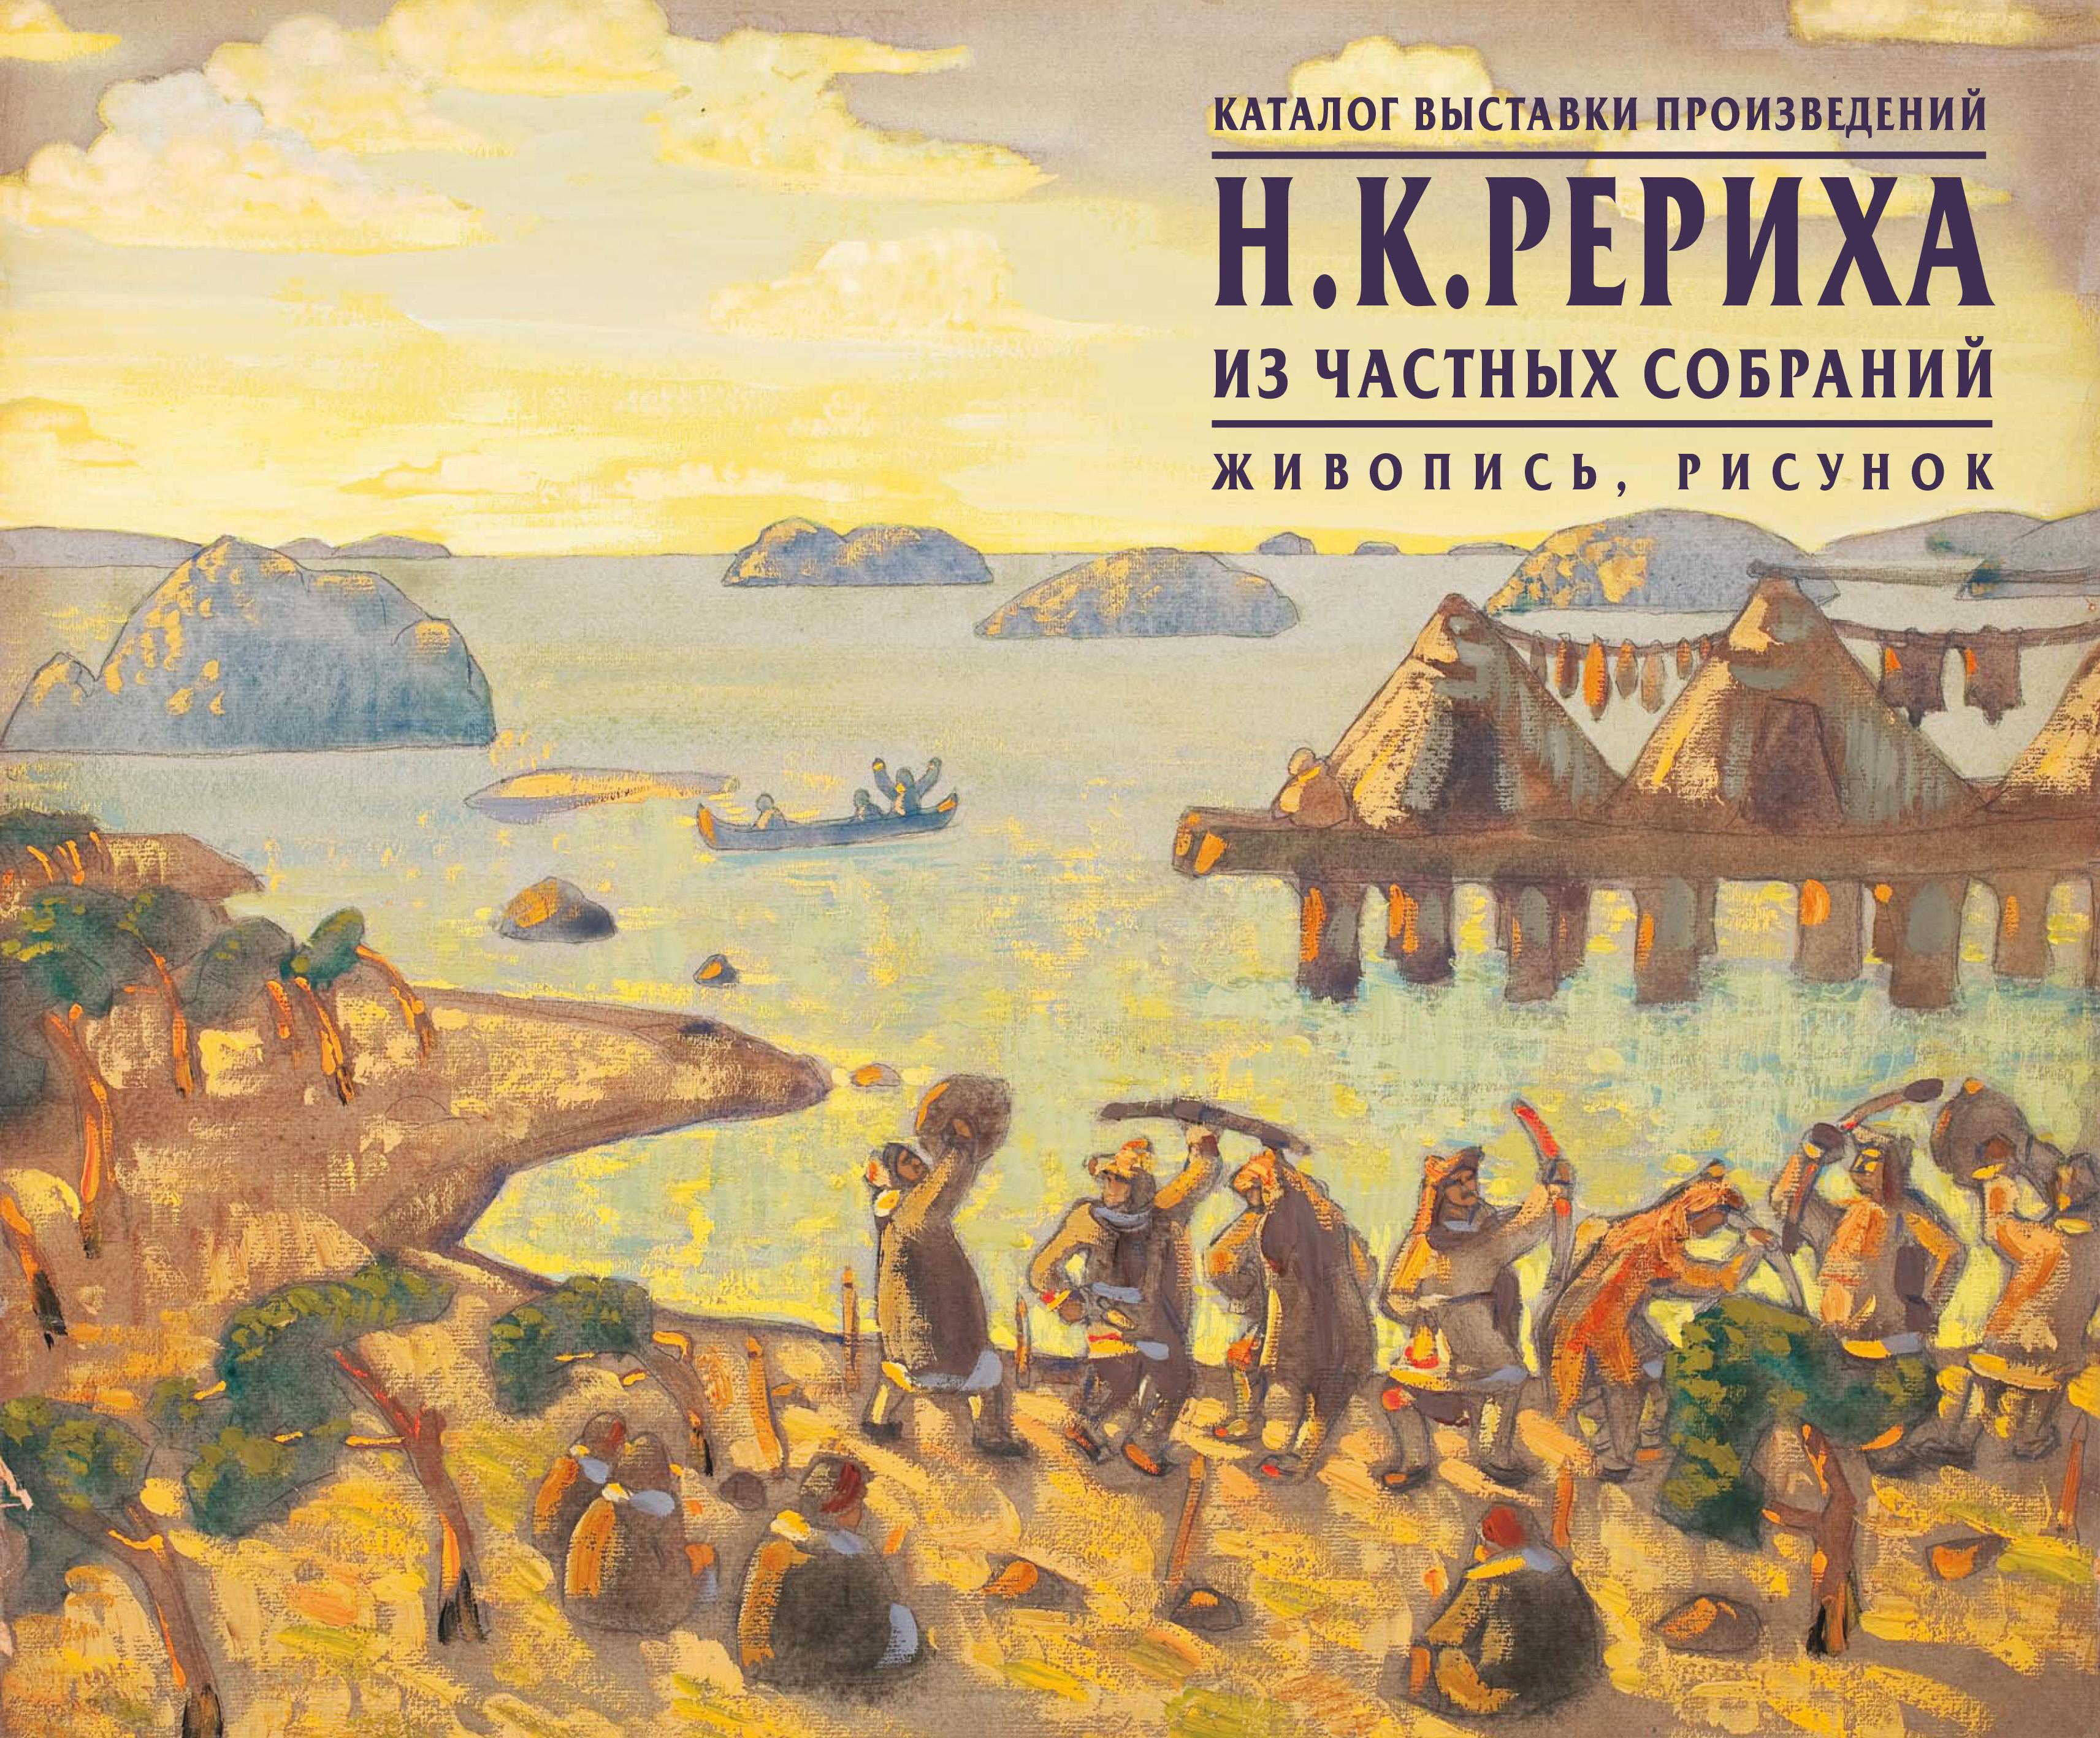 Отсутствует Каталог выставки произведений Н.К.Рериха из частных собраний. Живопись, рисунок